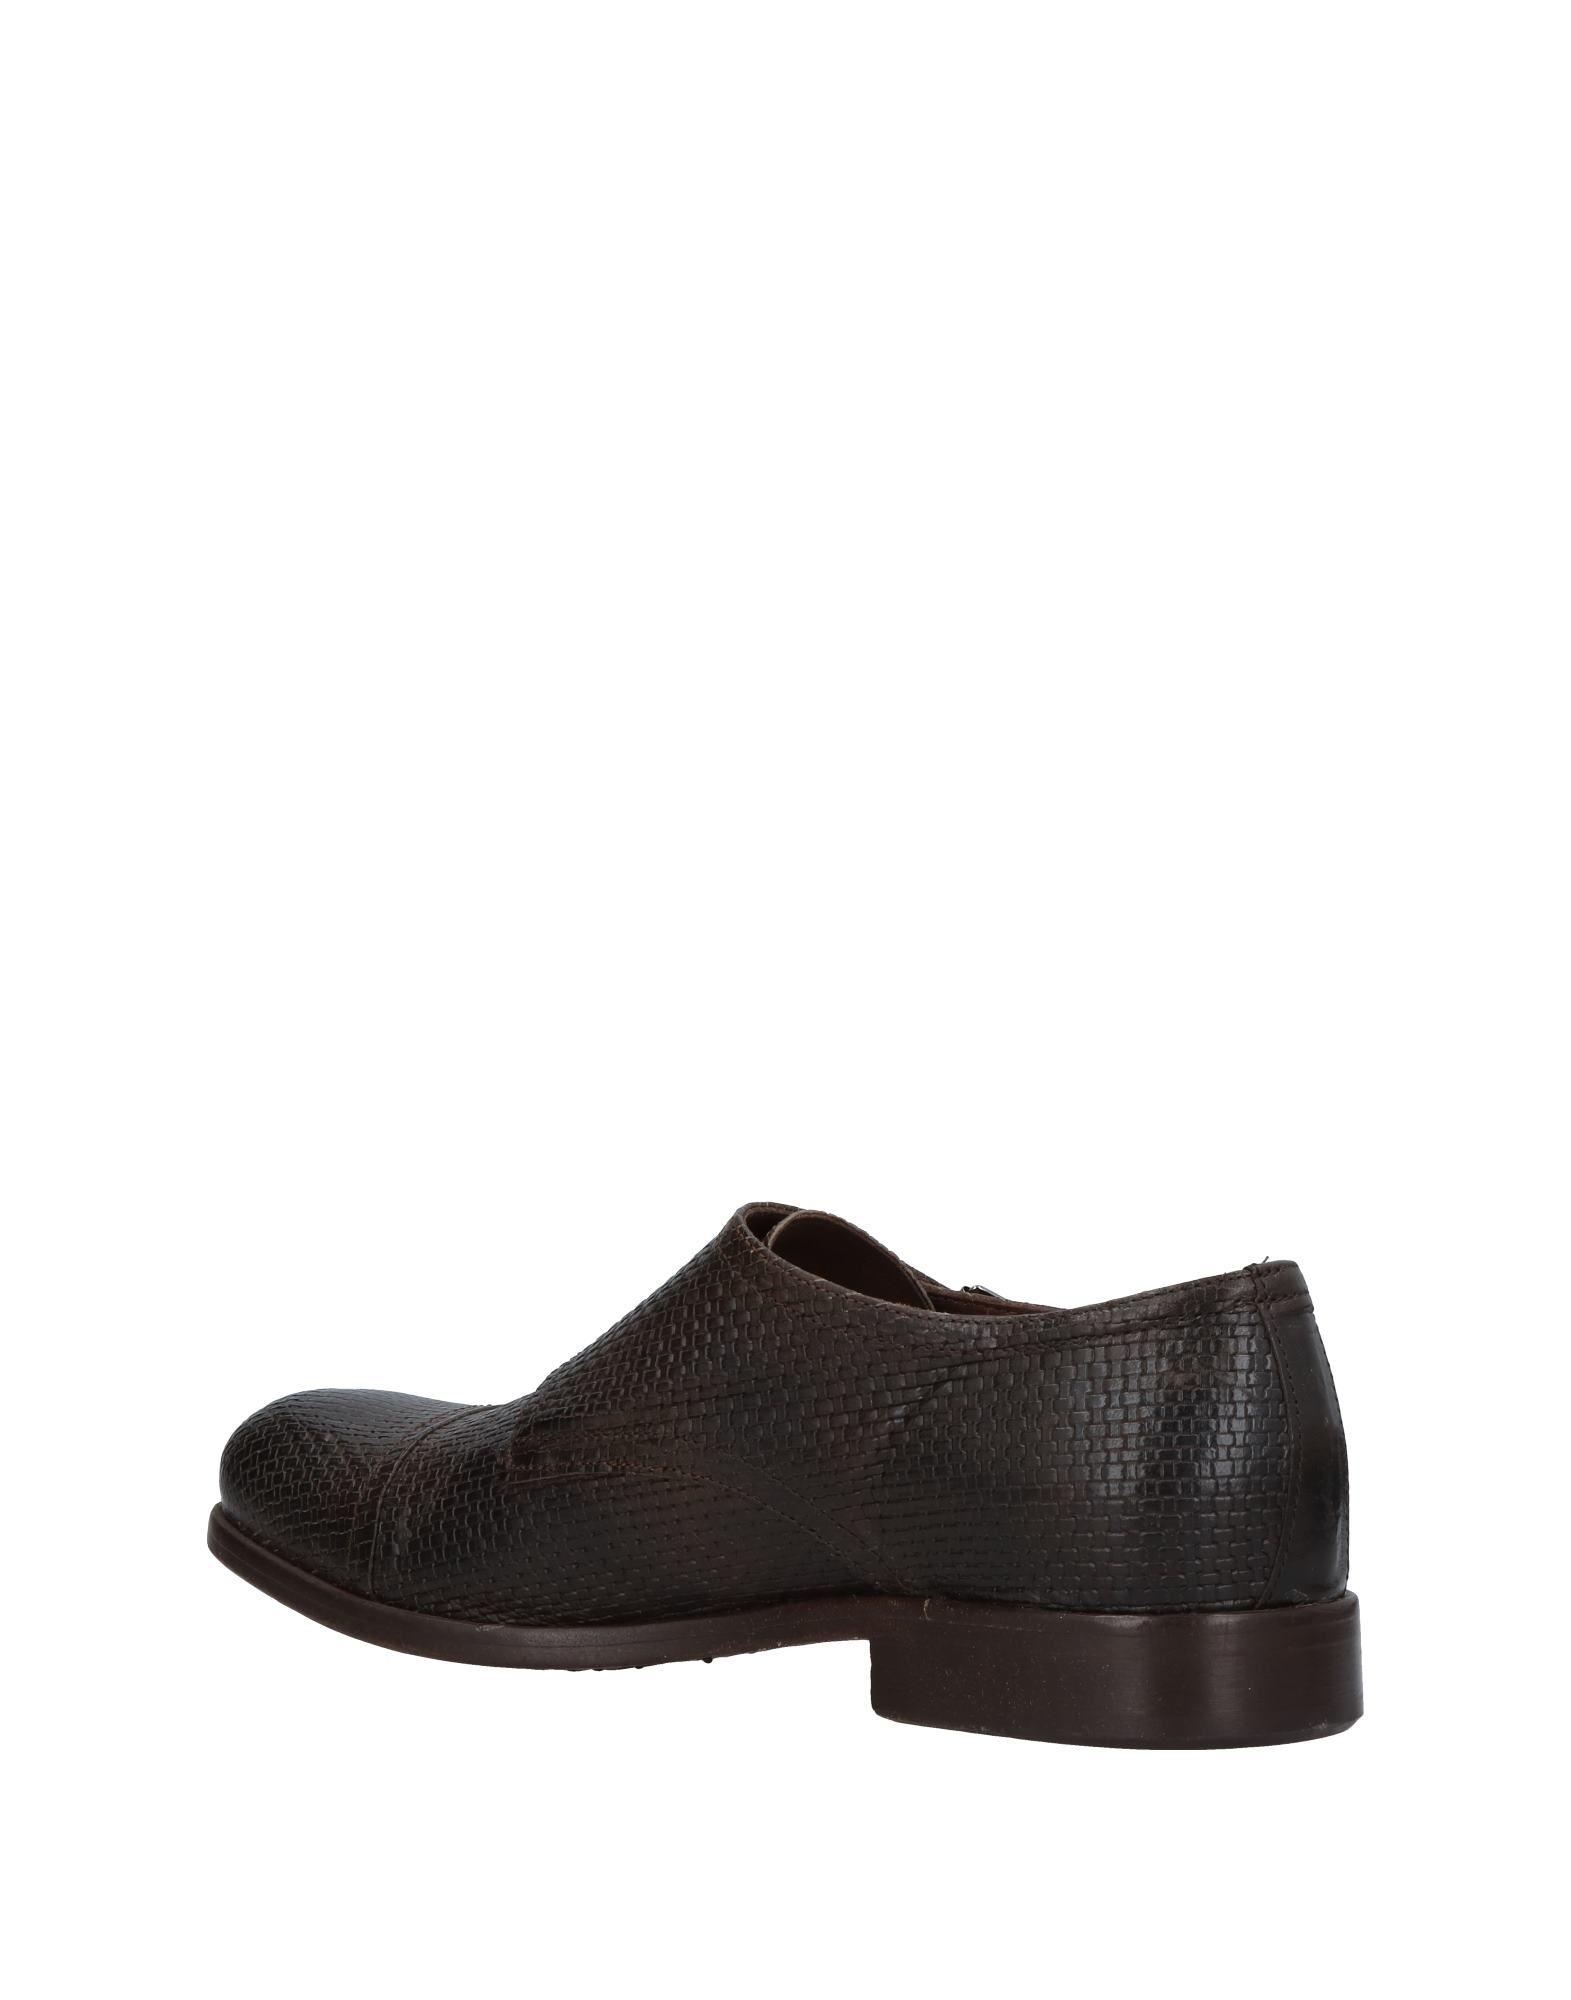 Rabatt echte Mokassins Schuhe Pawelk s Mokassins echte Herren 11398649TC ec0d65